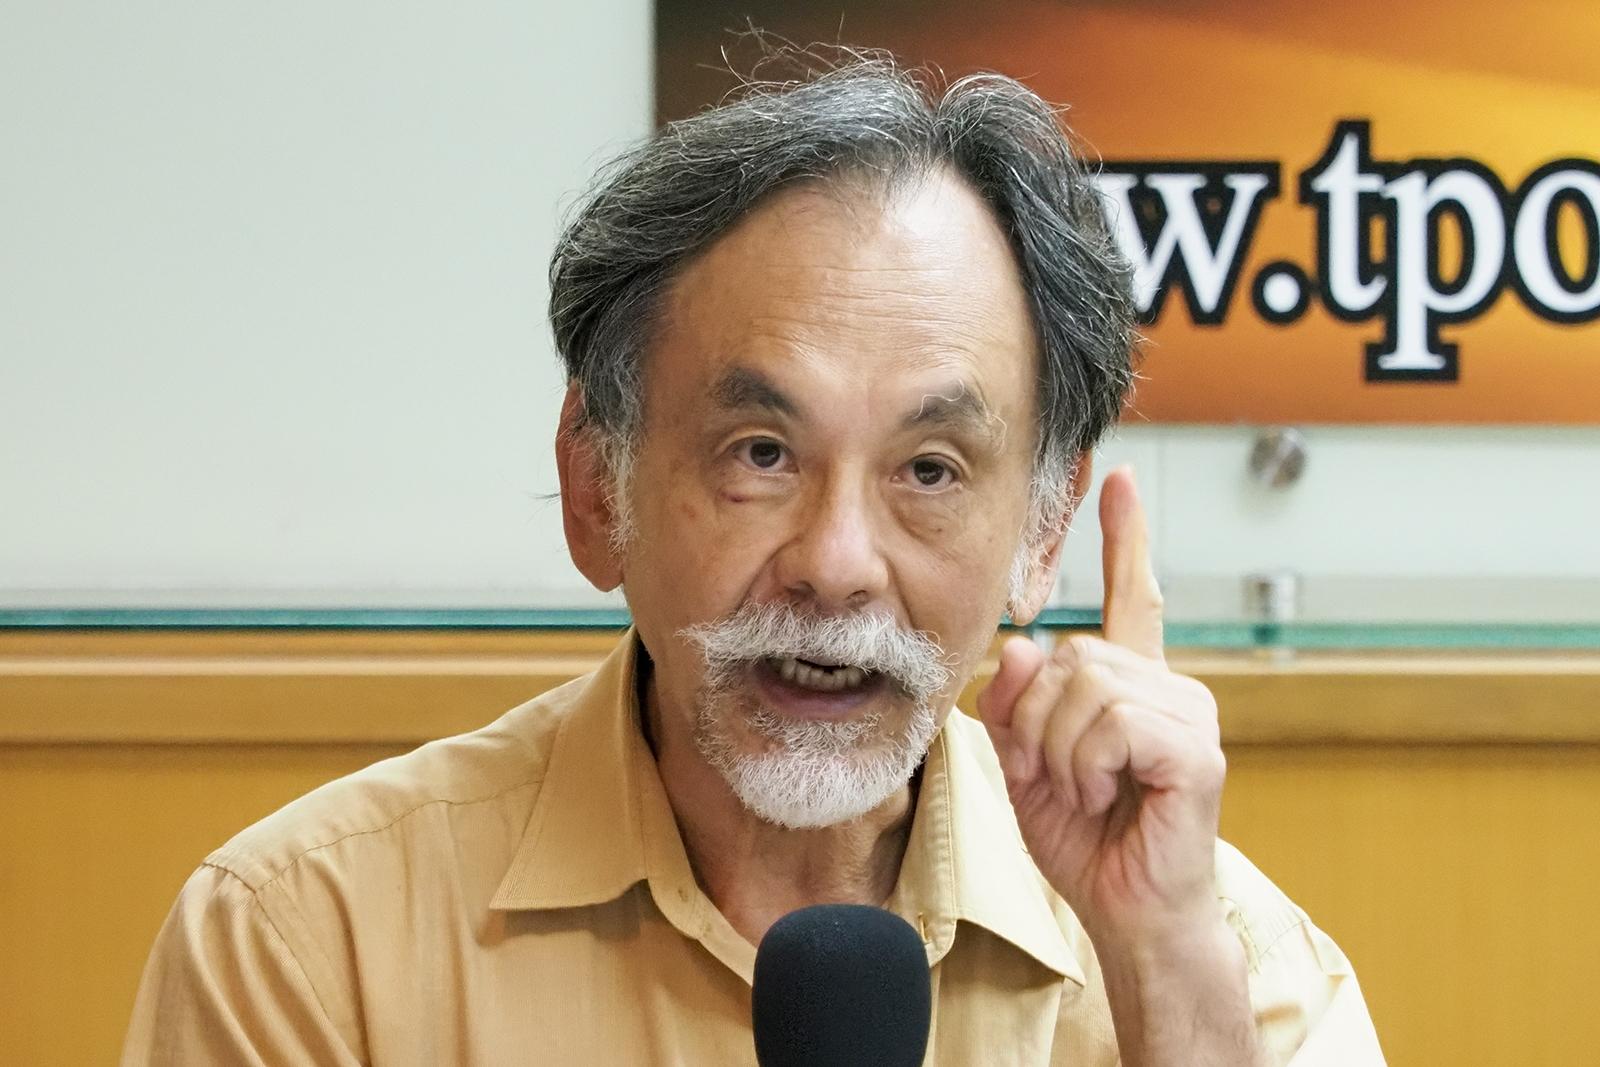 2020年7月27日,前立委林浊水:不赞成以修宪来更改国号,也反对独派的公投制宪行动。(锺广政 摄)